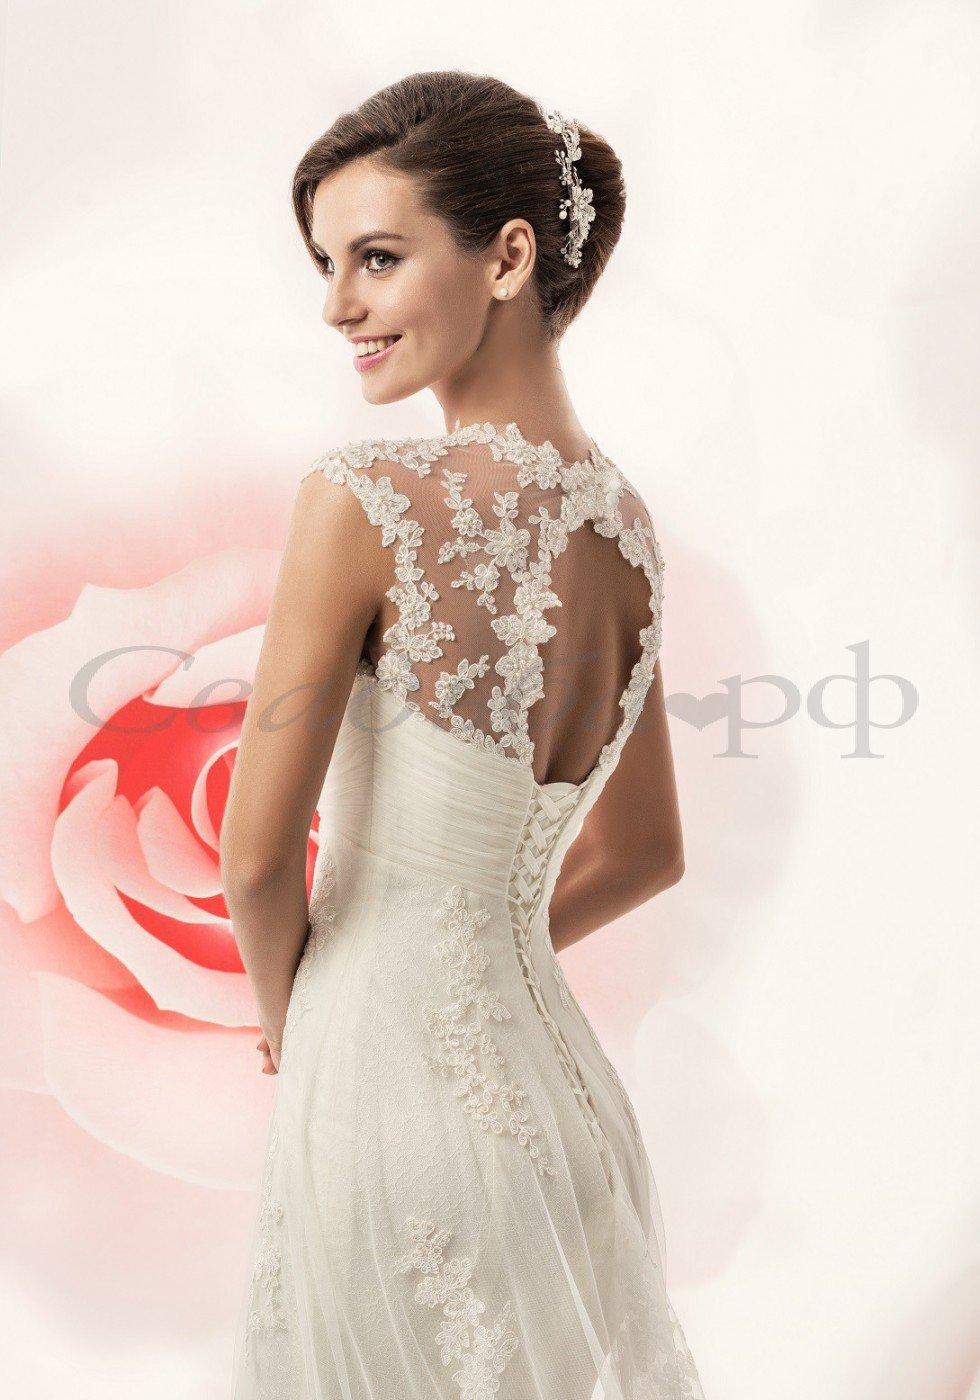 Прямые свадебные платья. 348 платьев на свадьбу с прямой юбкой, фото и цены  от 2000 руб. Купить прямое свадебное платье в Москве